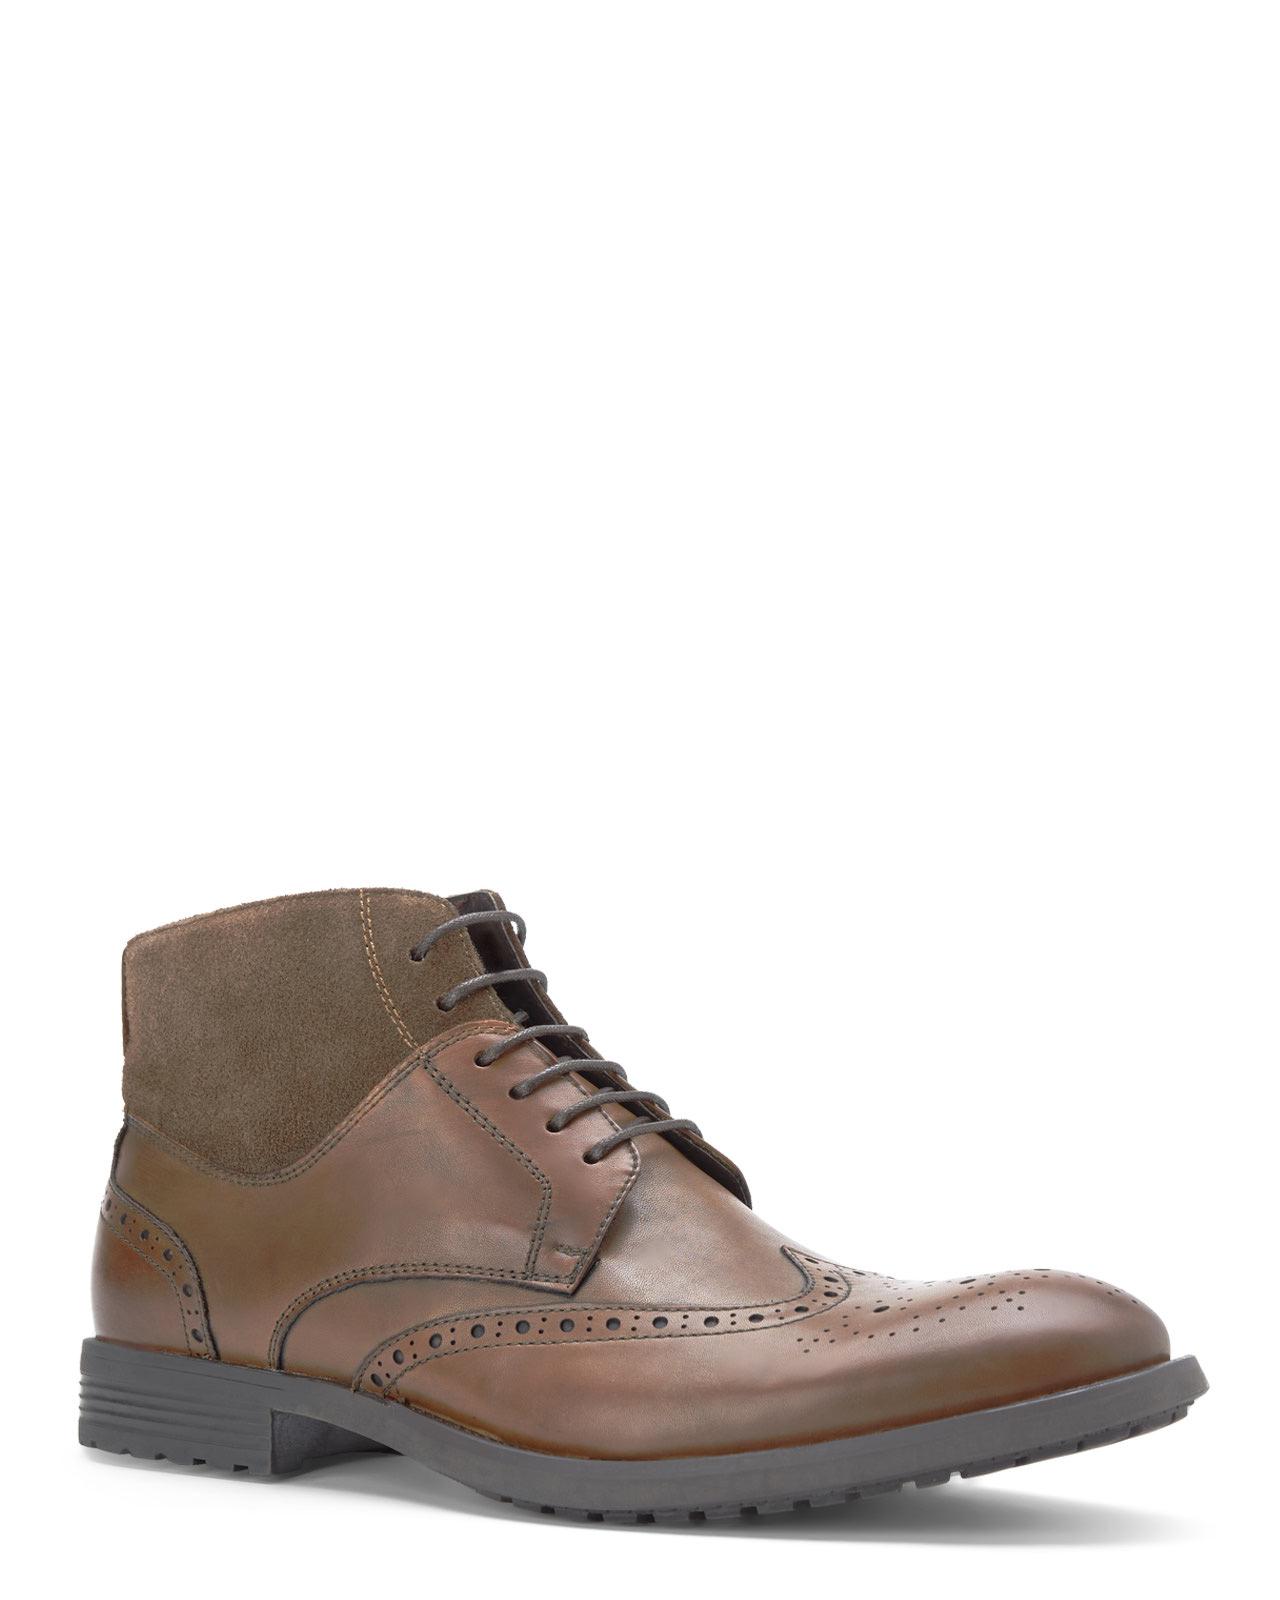 Vince camuto brown dario wingtip boots